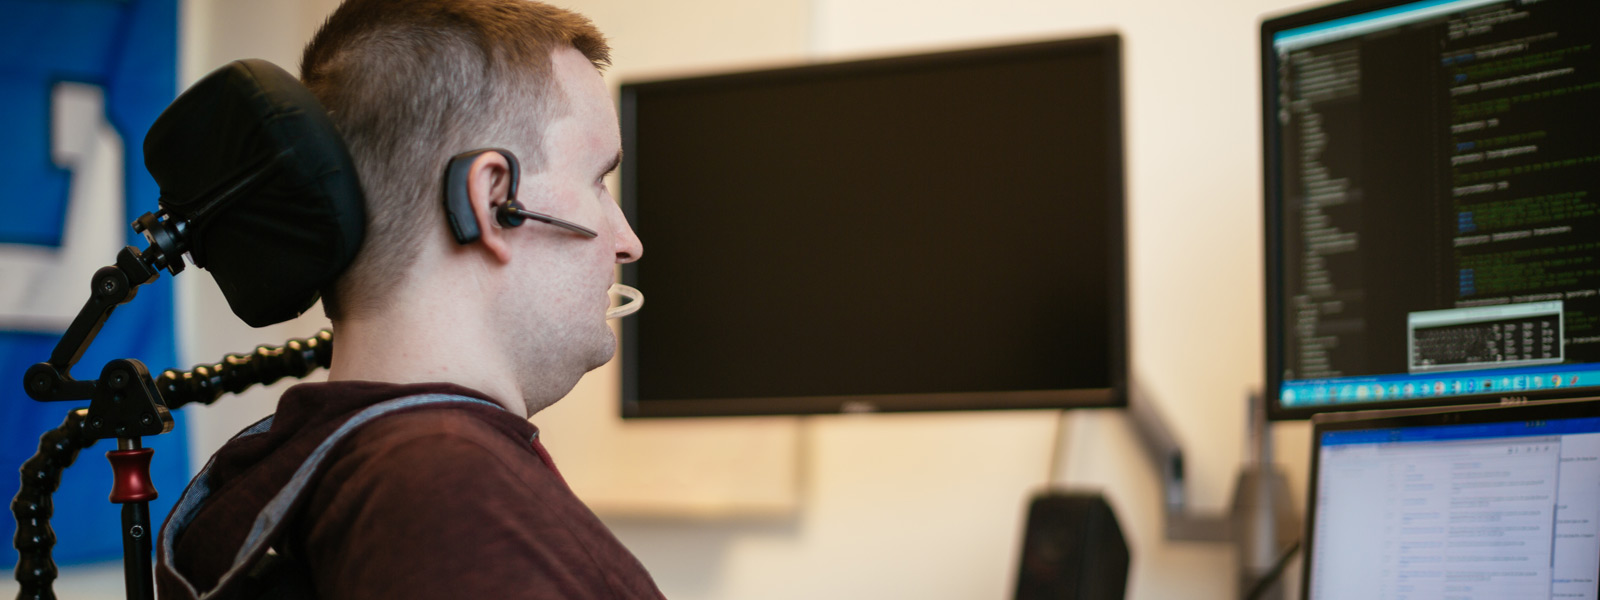 Muž pri stole používajúci asistenčnú hardvérovú technológiu na ovládanie počítača so systémom Windows 10 pomocou ovládania zrakom